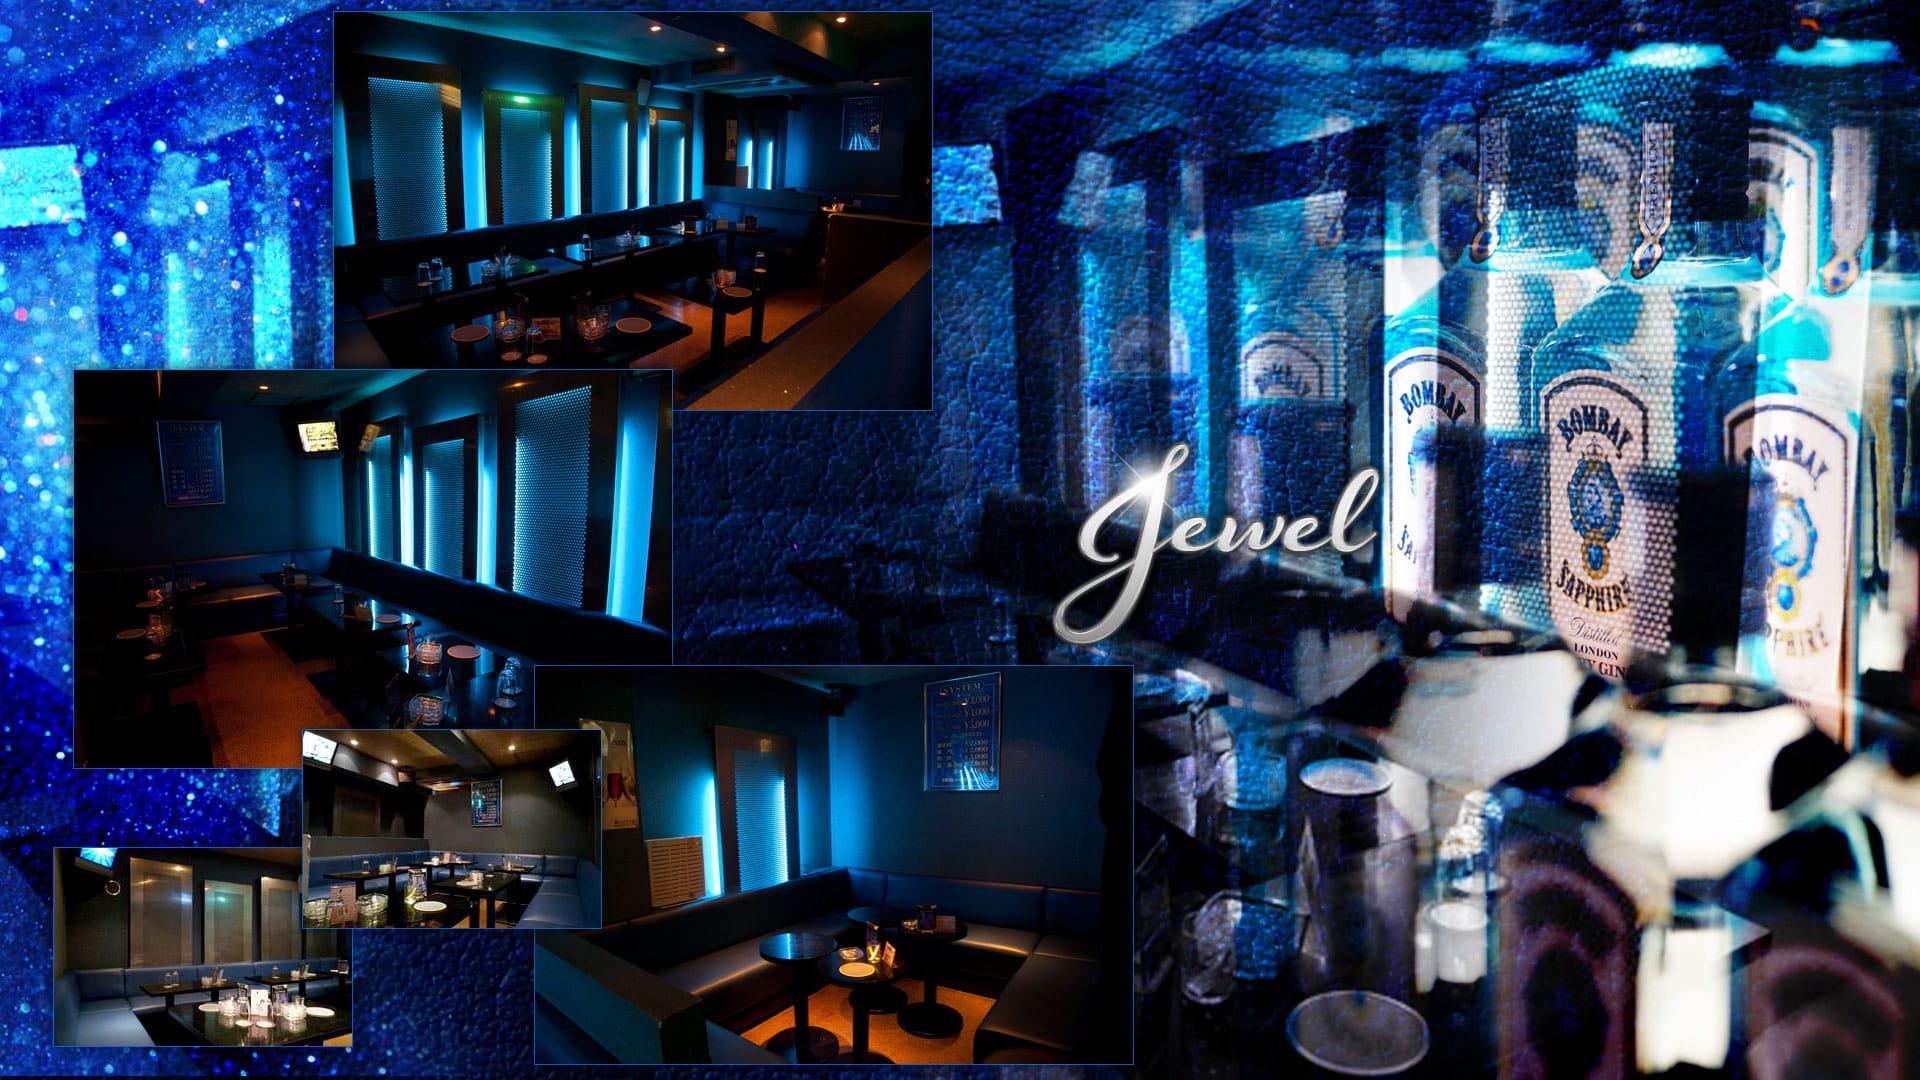 club Jewel~ニュークラブ ジュエル~ TOP画像